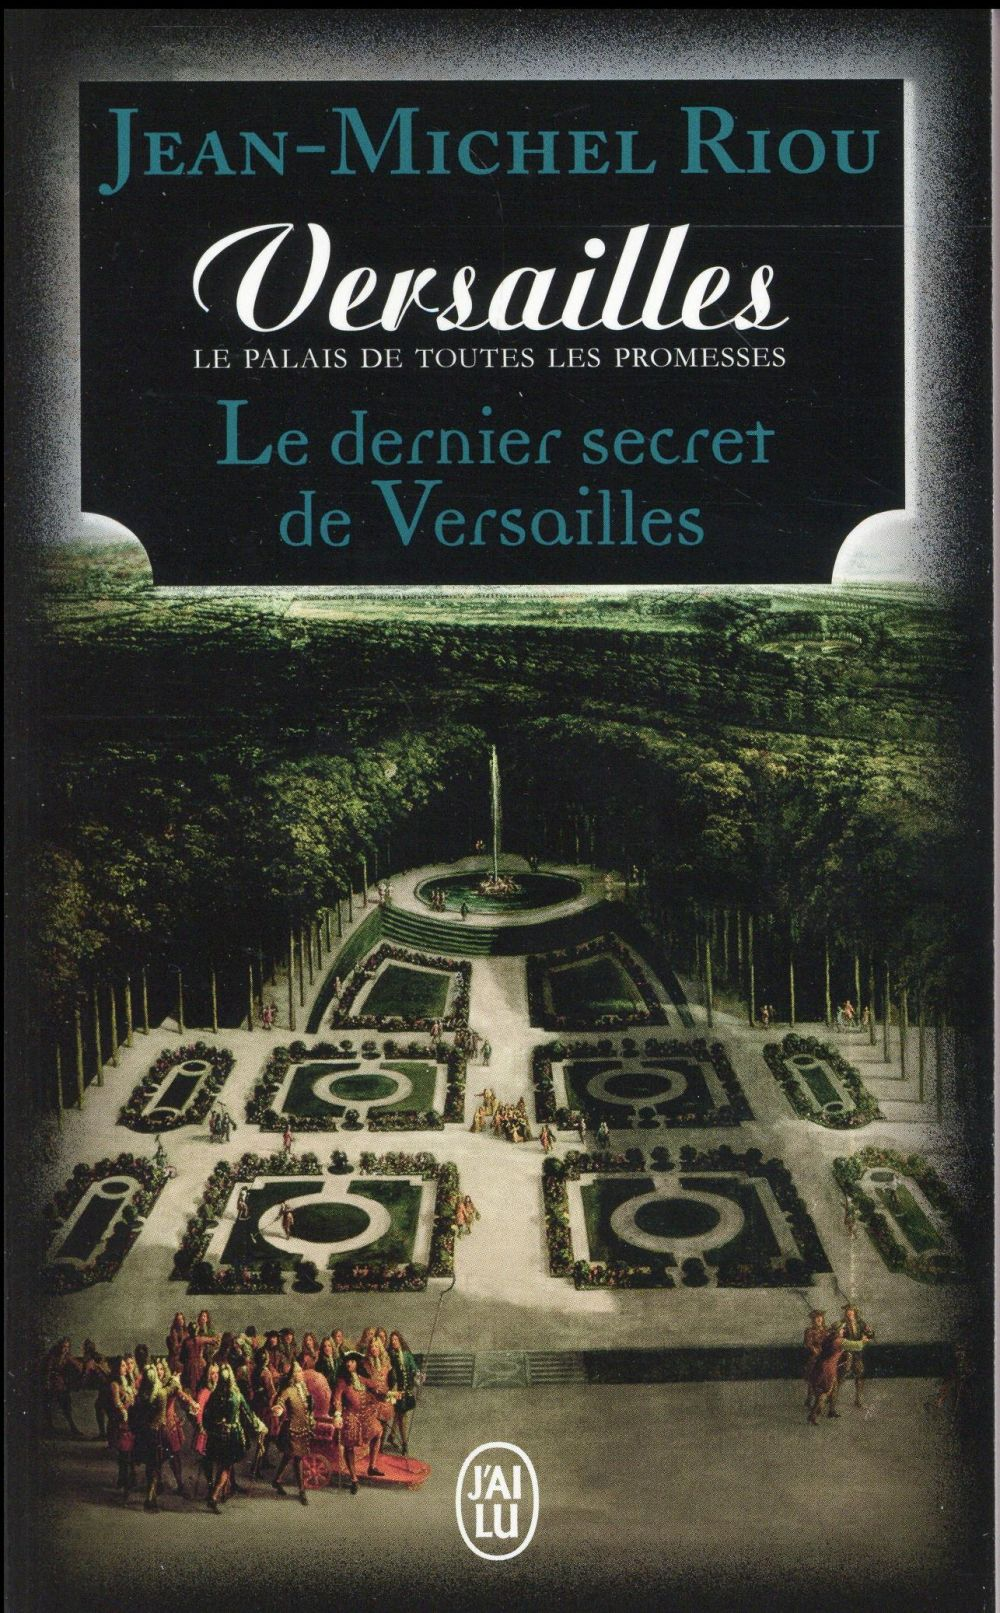 Le dernier secret de Versailles ; Versailles le palais de toutes les promesses